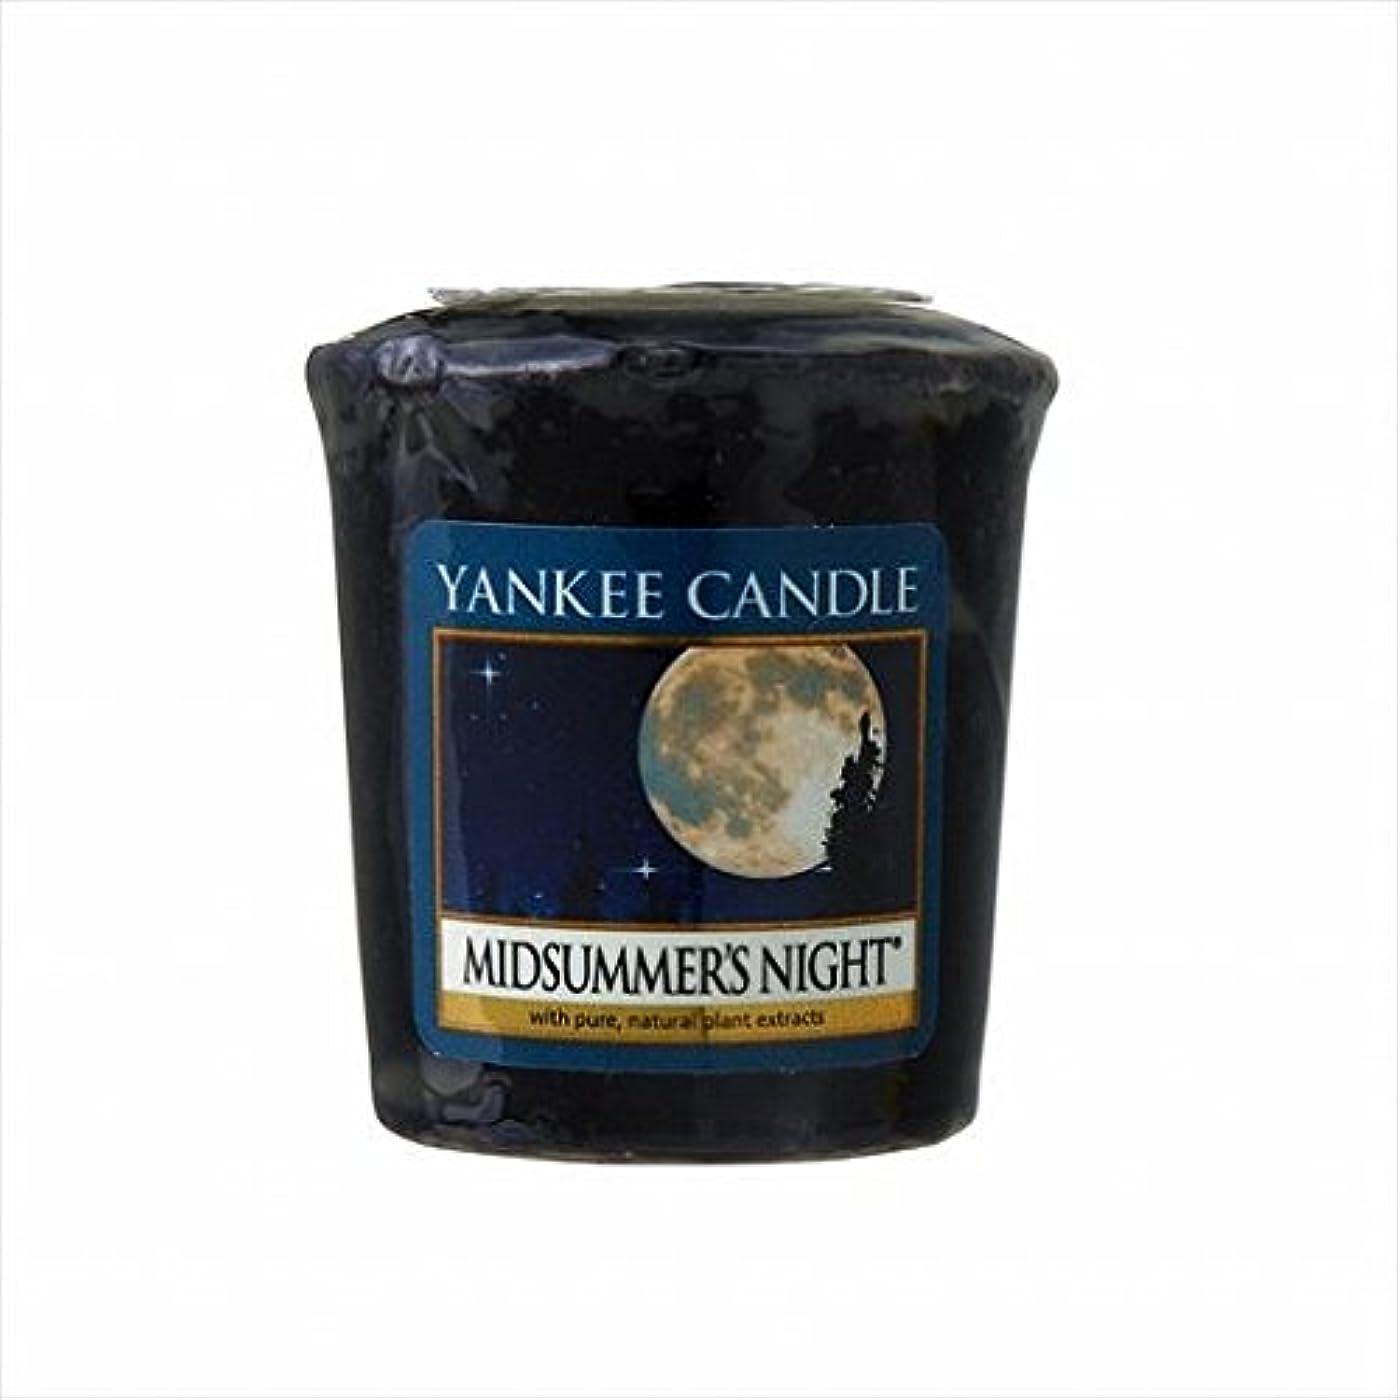 判定一般ジェムカメヤマキャンドル(kameyama candle) YANKEE CANDLE サンプラー 「 ミッドサマーズナイト 」